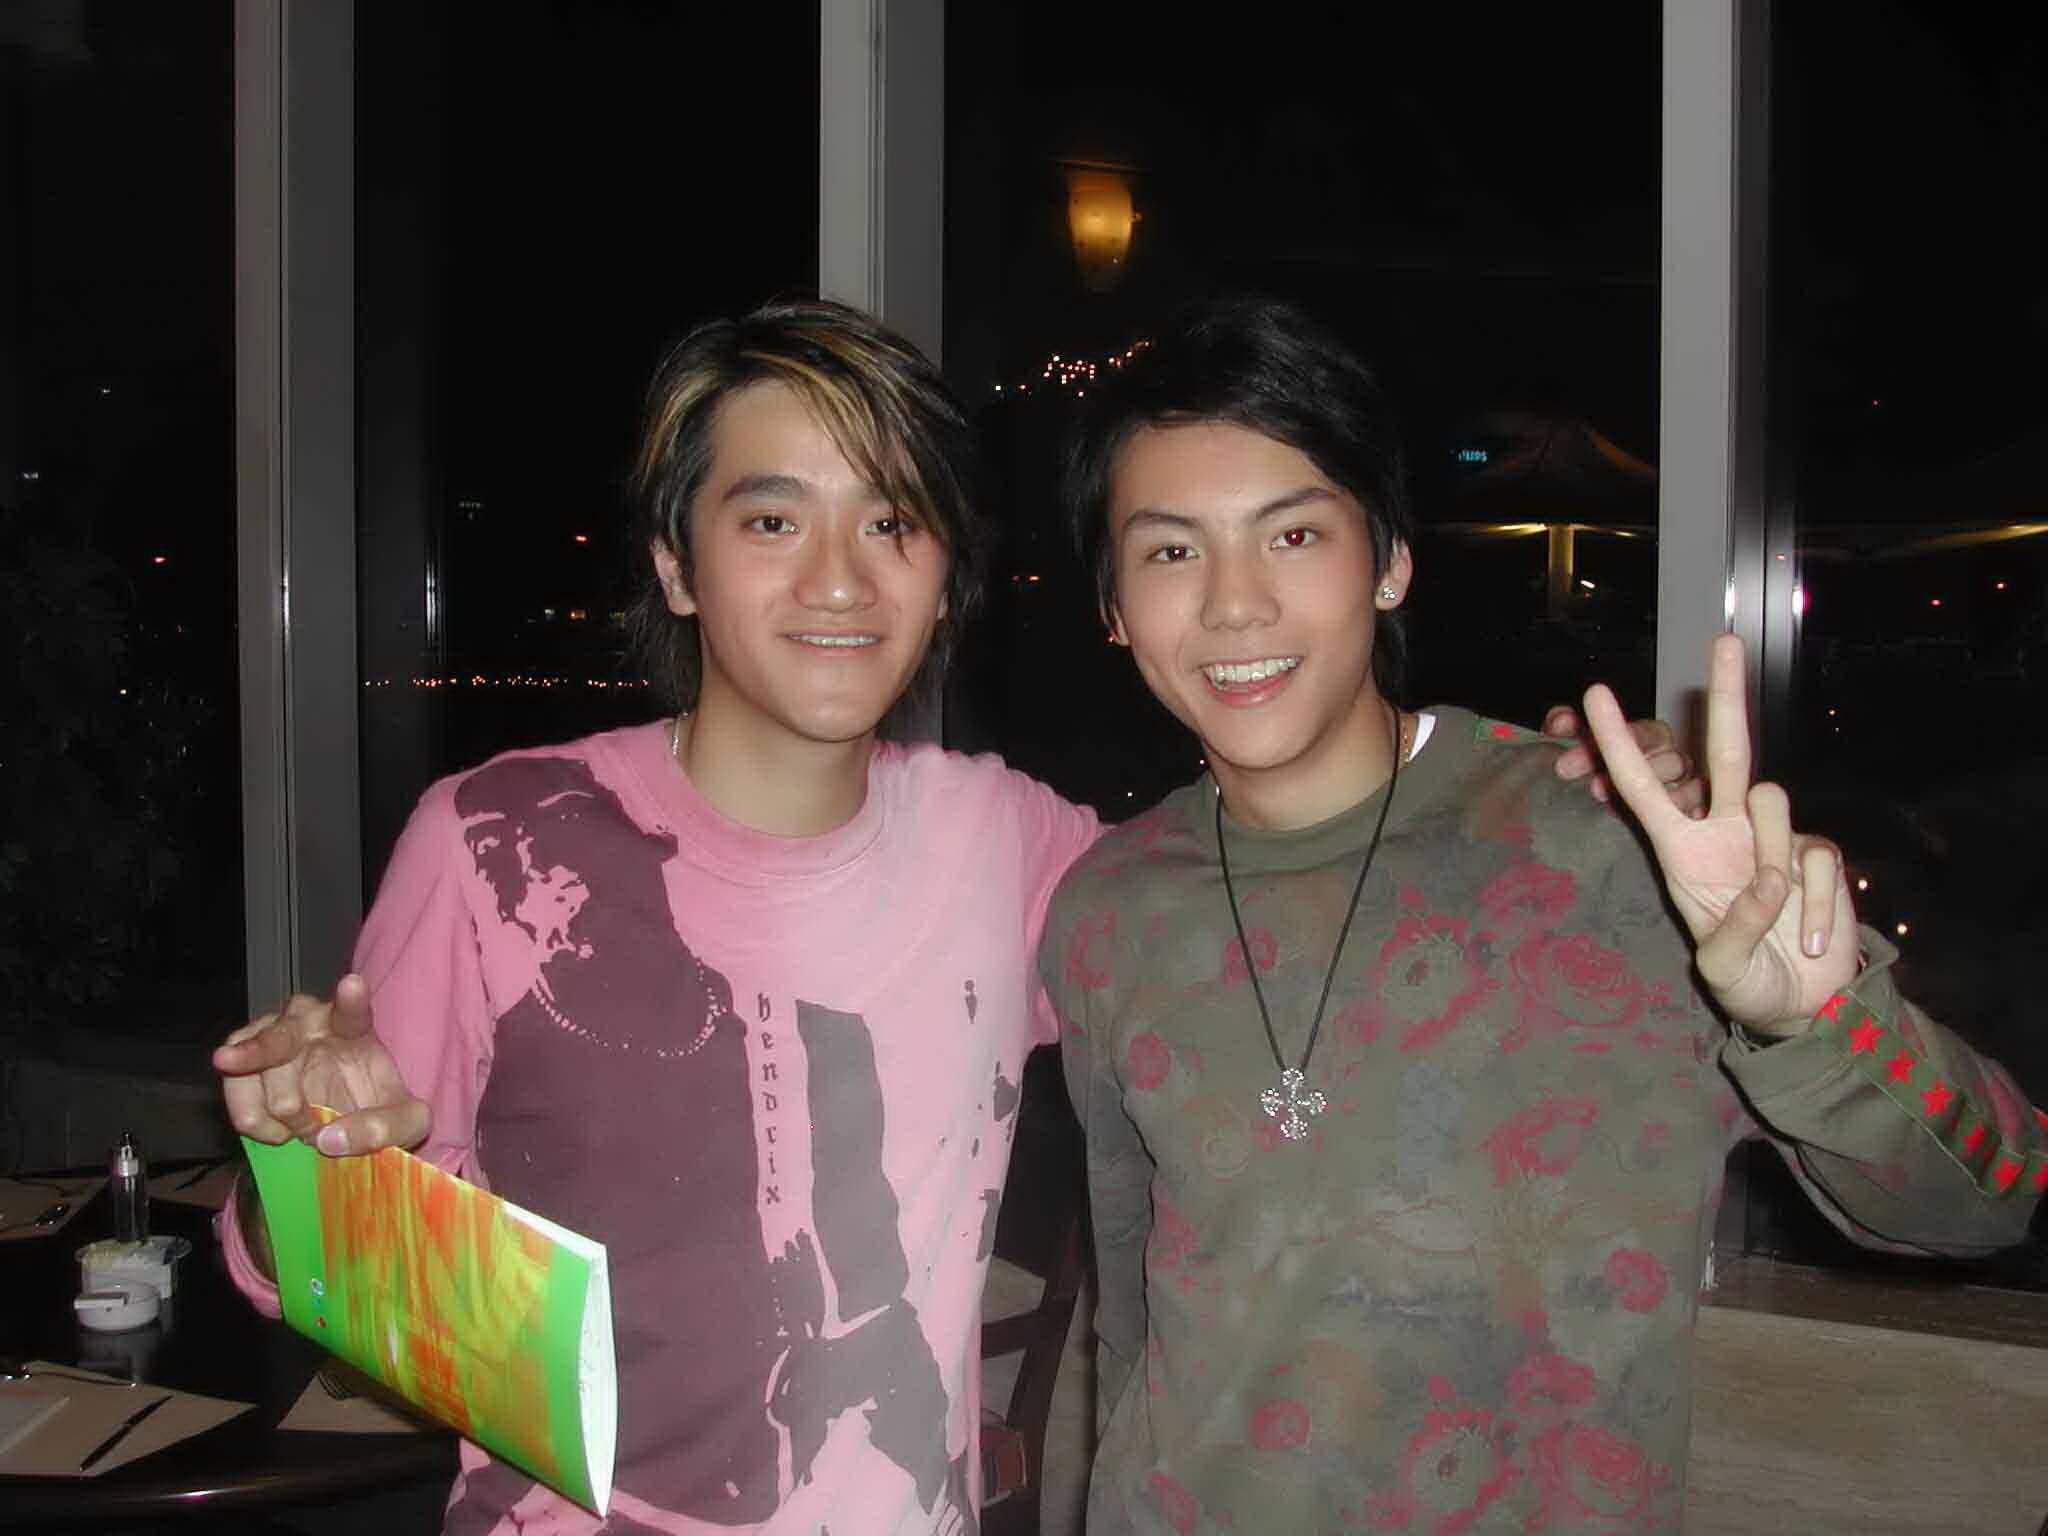 與陳偉霆同年參加全球華人新秀歌唱大賽,十三年前兩人都一臉孩子氣。